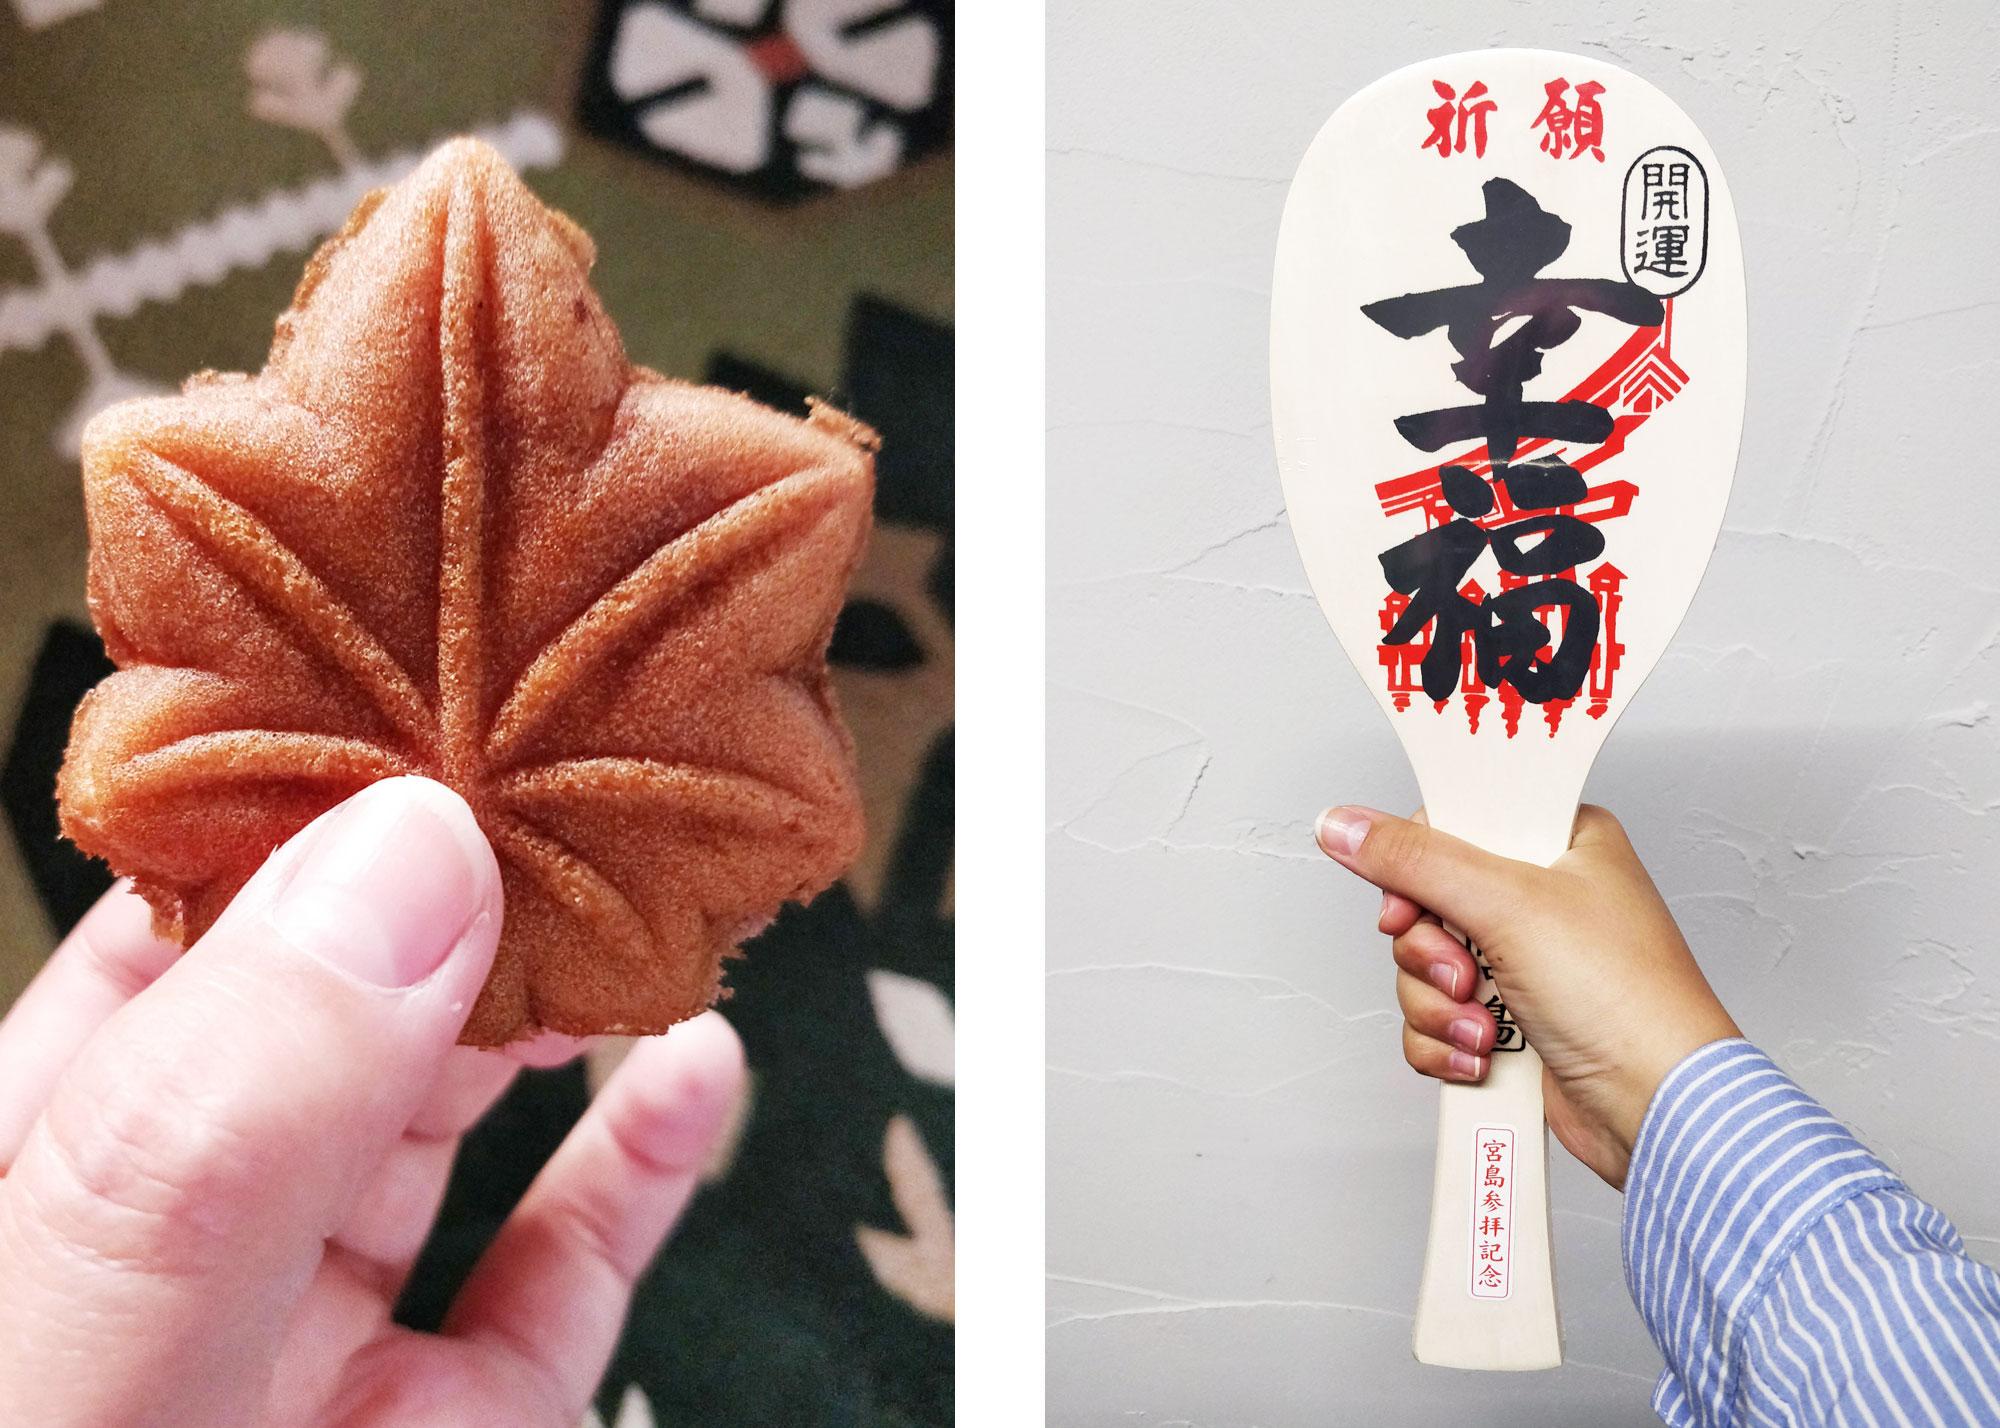 Miyajiman vaahteranlehden muotoinen leivos kädessä ja toinen kuva, jossa kädessä miyajiman jättikokoinen riisikauha jossa on kanjeja